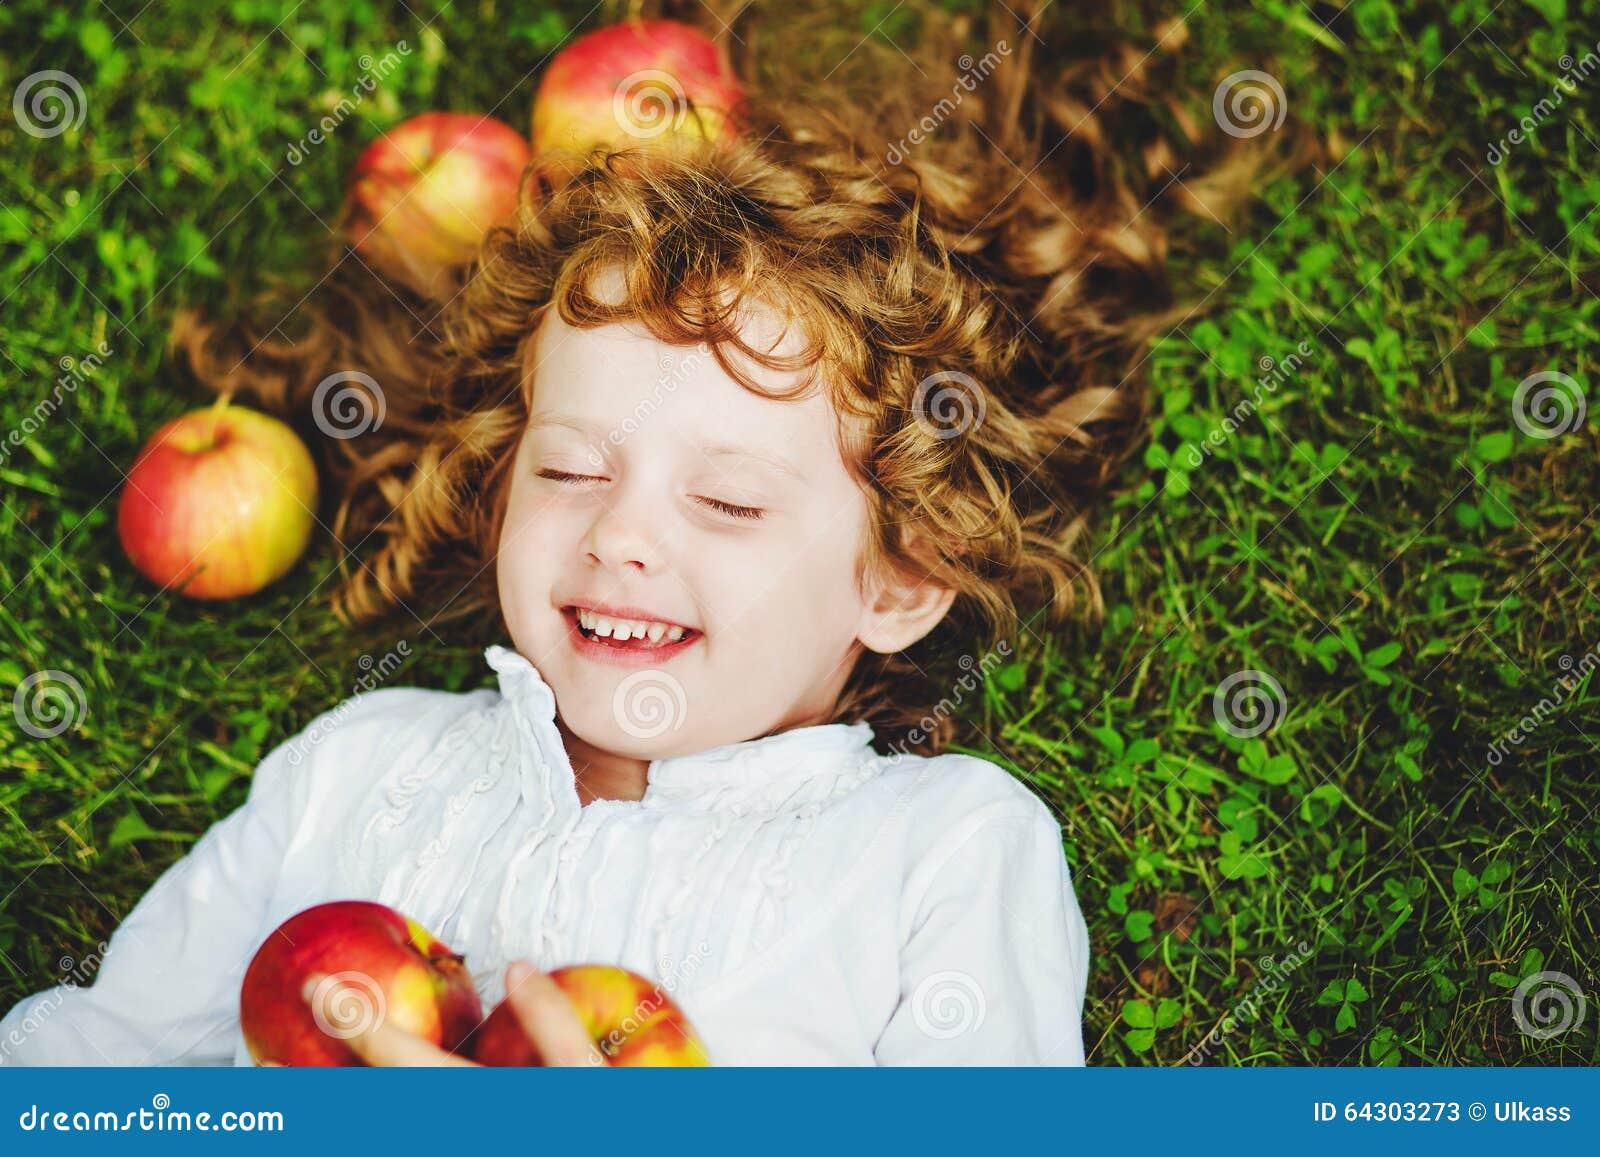 Το σγουρό κορίτσι βρίσκεται στη χλόη με το μήλο και το χαμόγελο